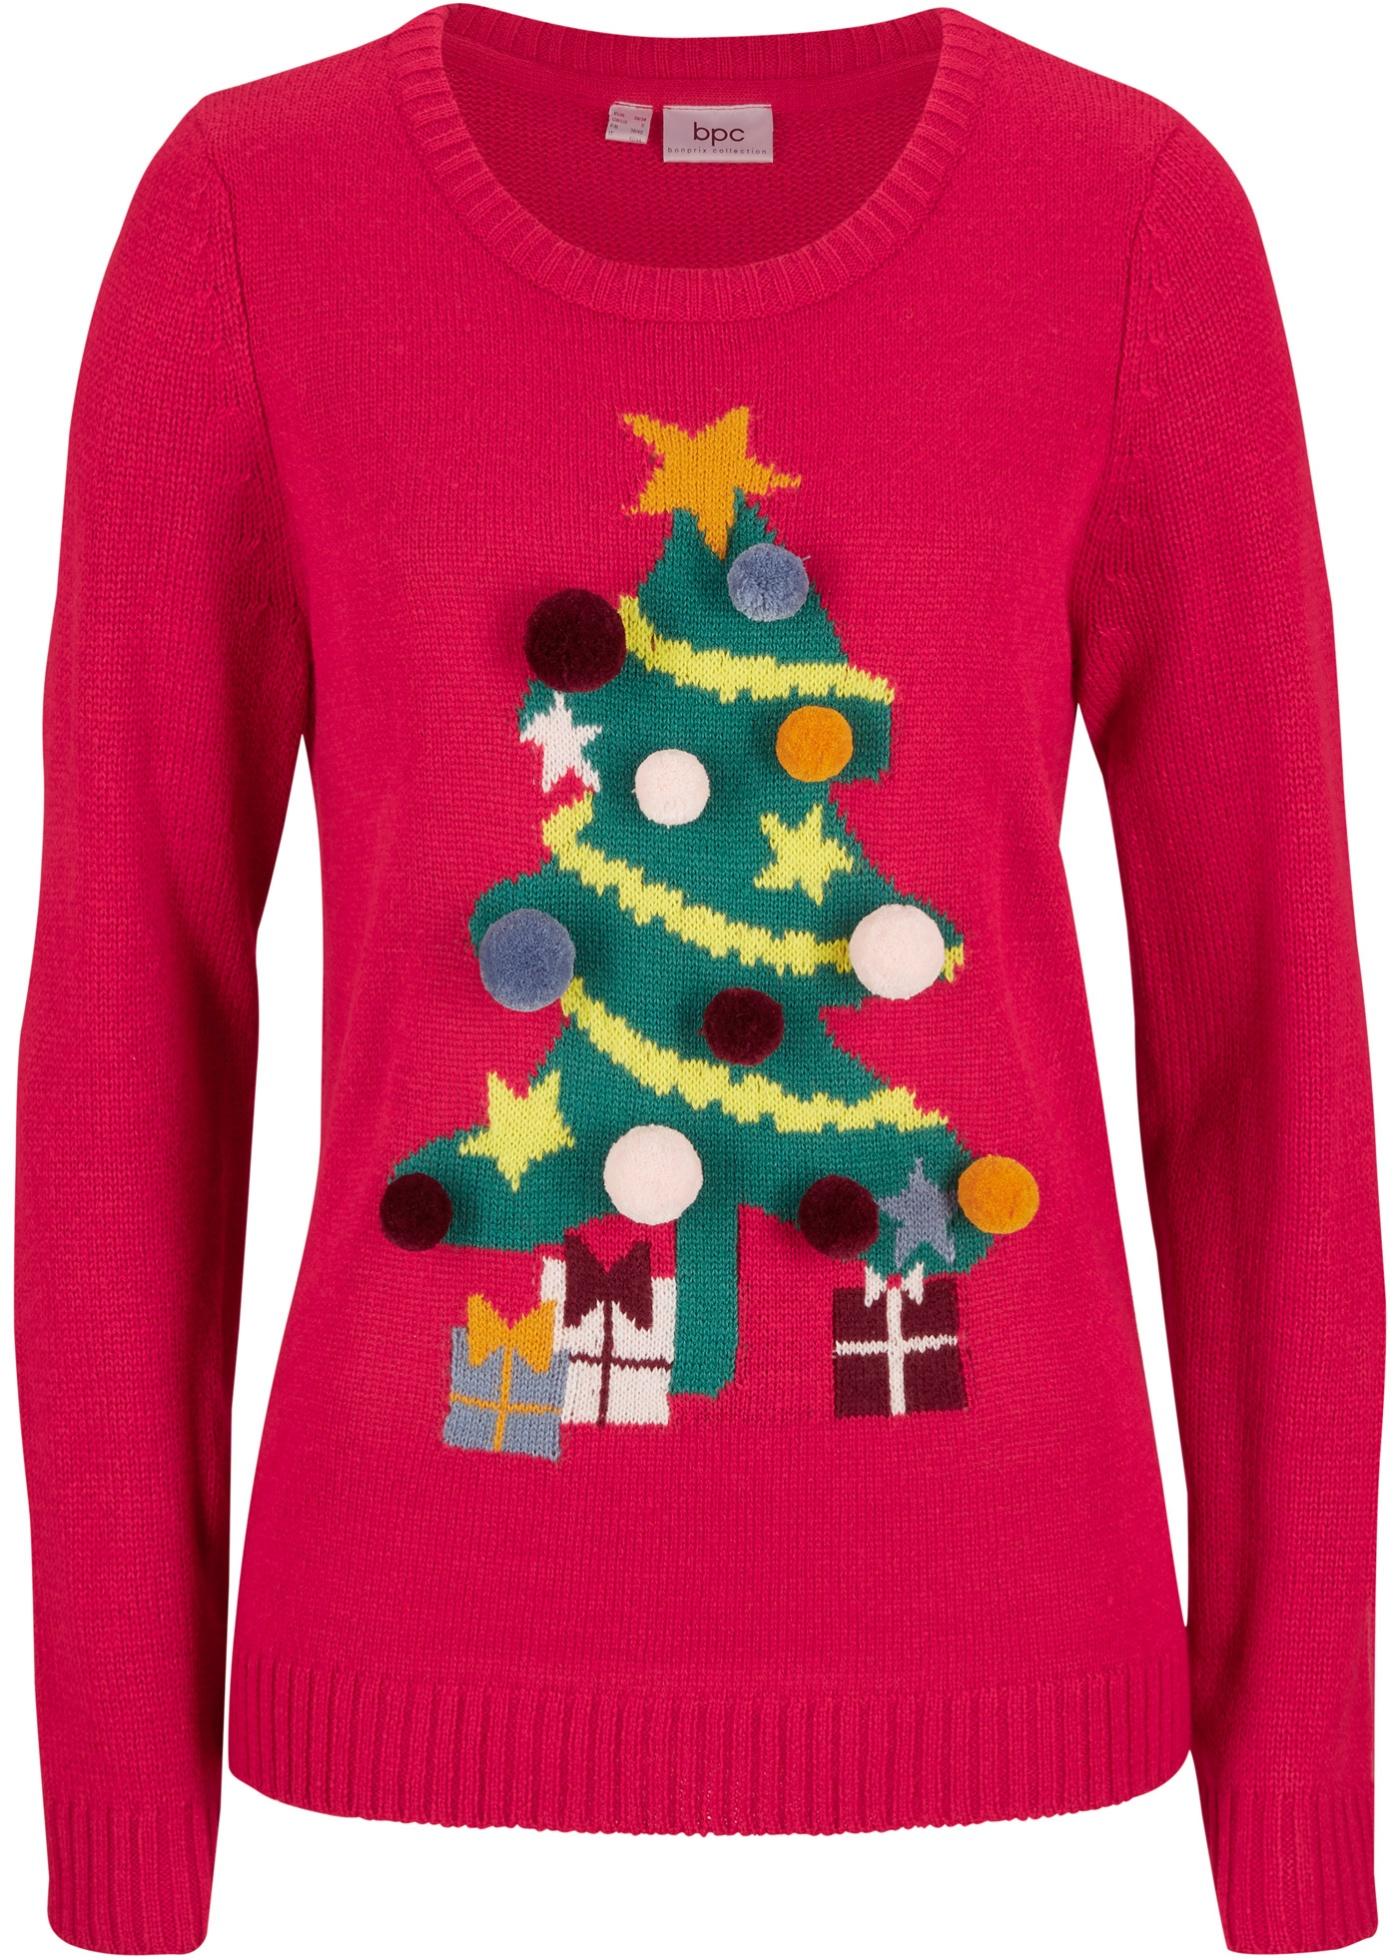 Maglione natalizio con albero di Natale (Rosso) - bpc bonprix collection